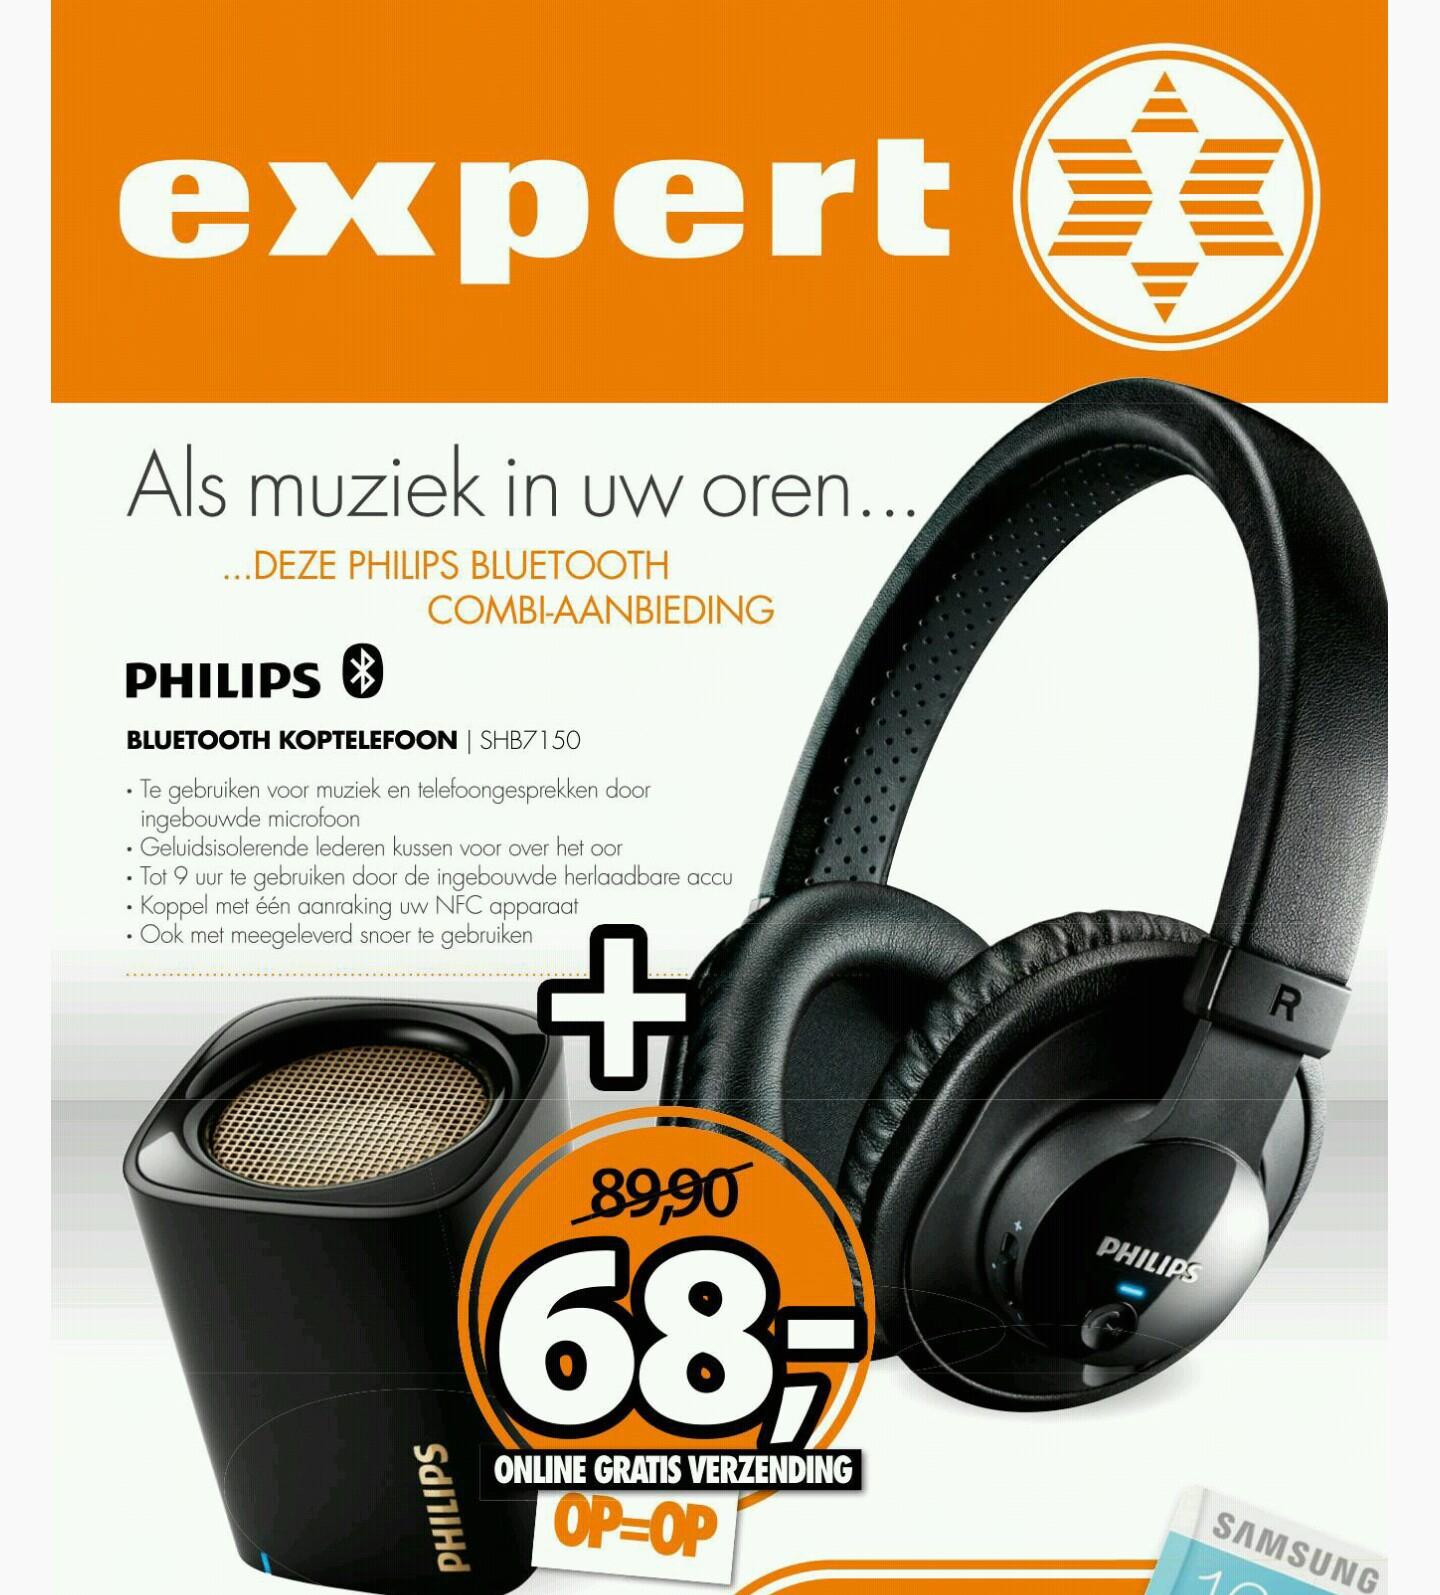 Philips SHB7150FB Hoofdtelefoon + Philips BT100B Minispeaker voor €68,- @ Expert